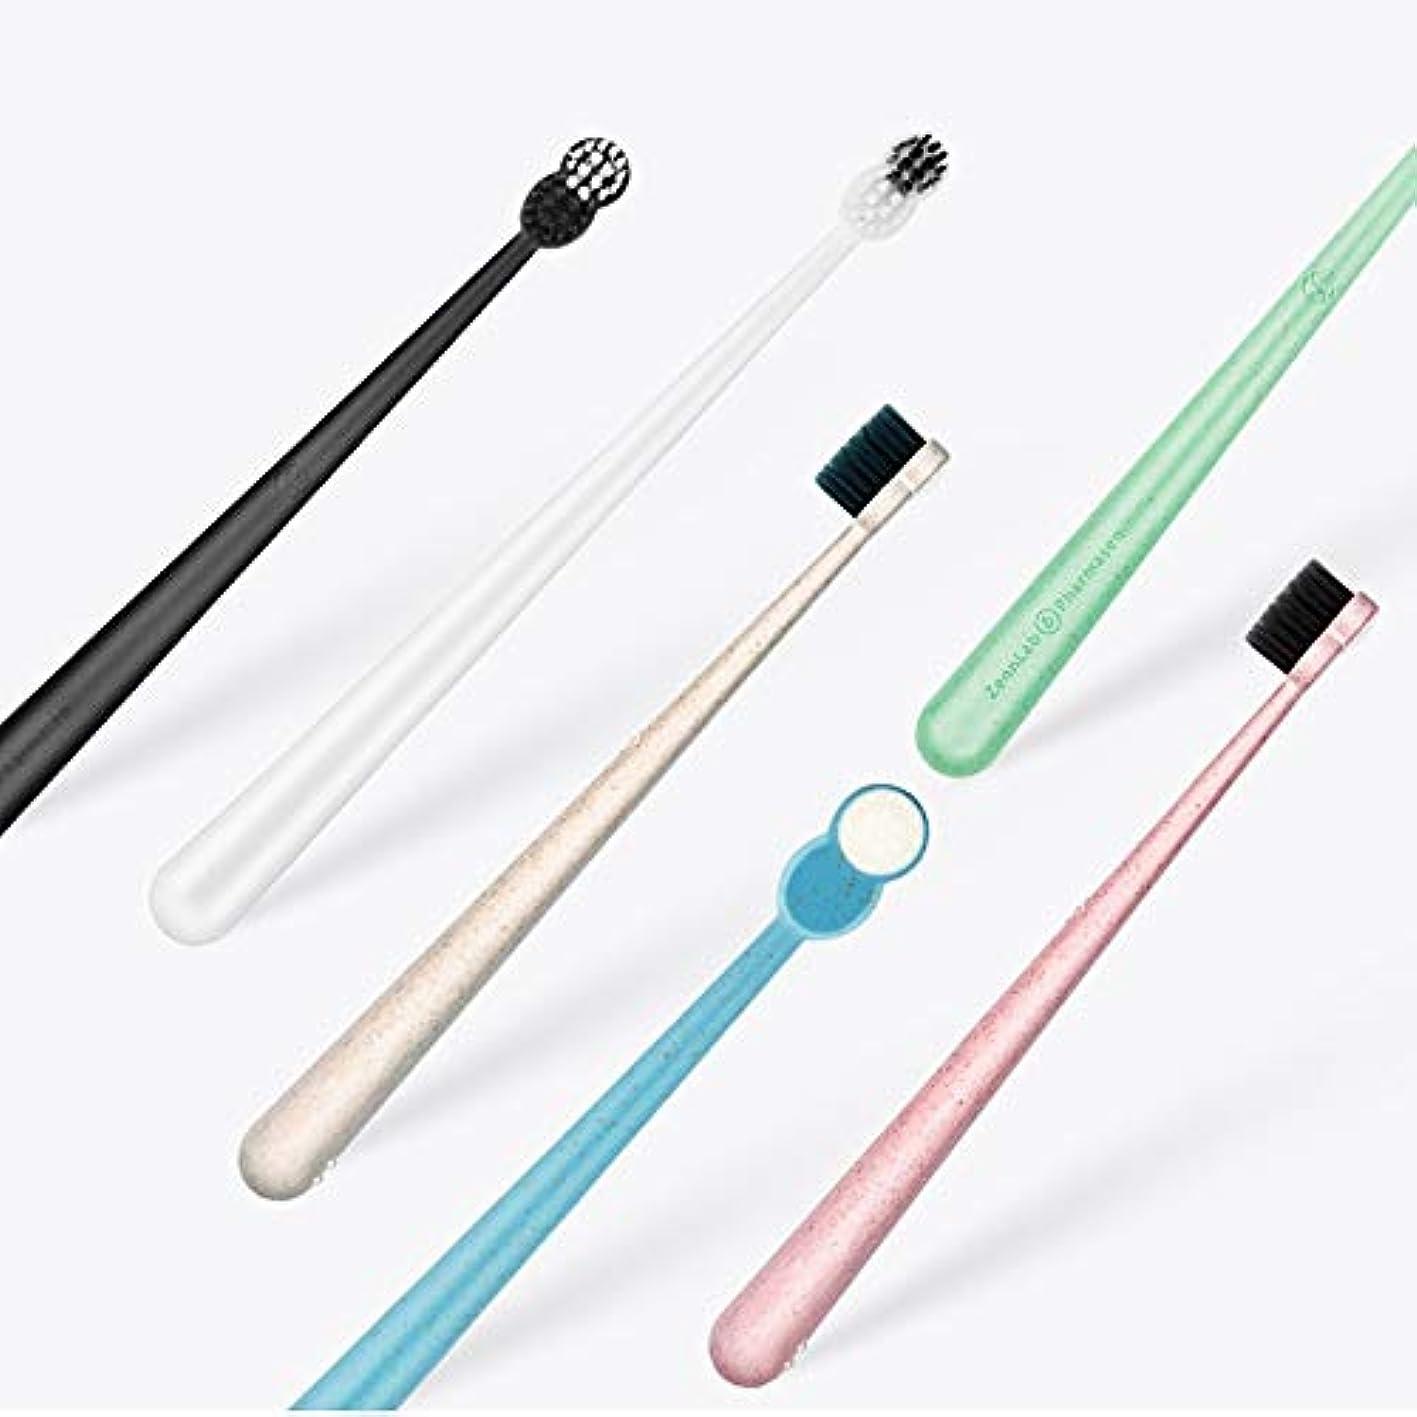 検証ベーカリー哺乳類歯ブラシ 新竹炭歯ブラシ、大人バルク歯ブラシ、8ワード小さなブラシヘッド歯ブラシ - 6パック HL (サイズ : 12 packs)